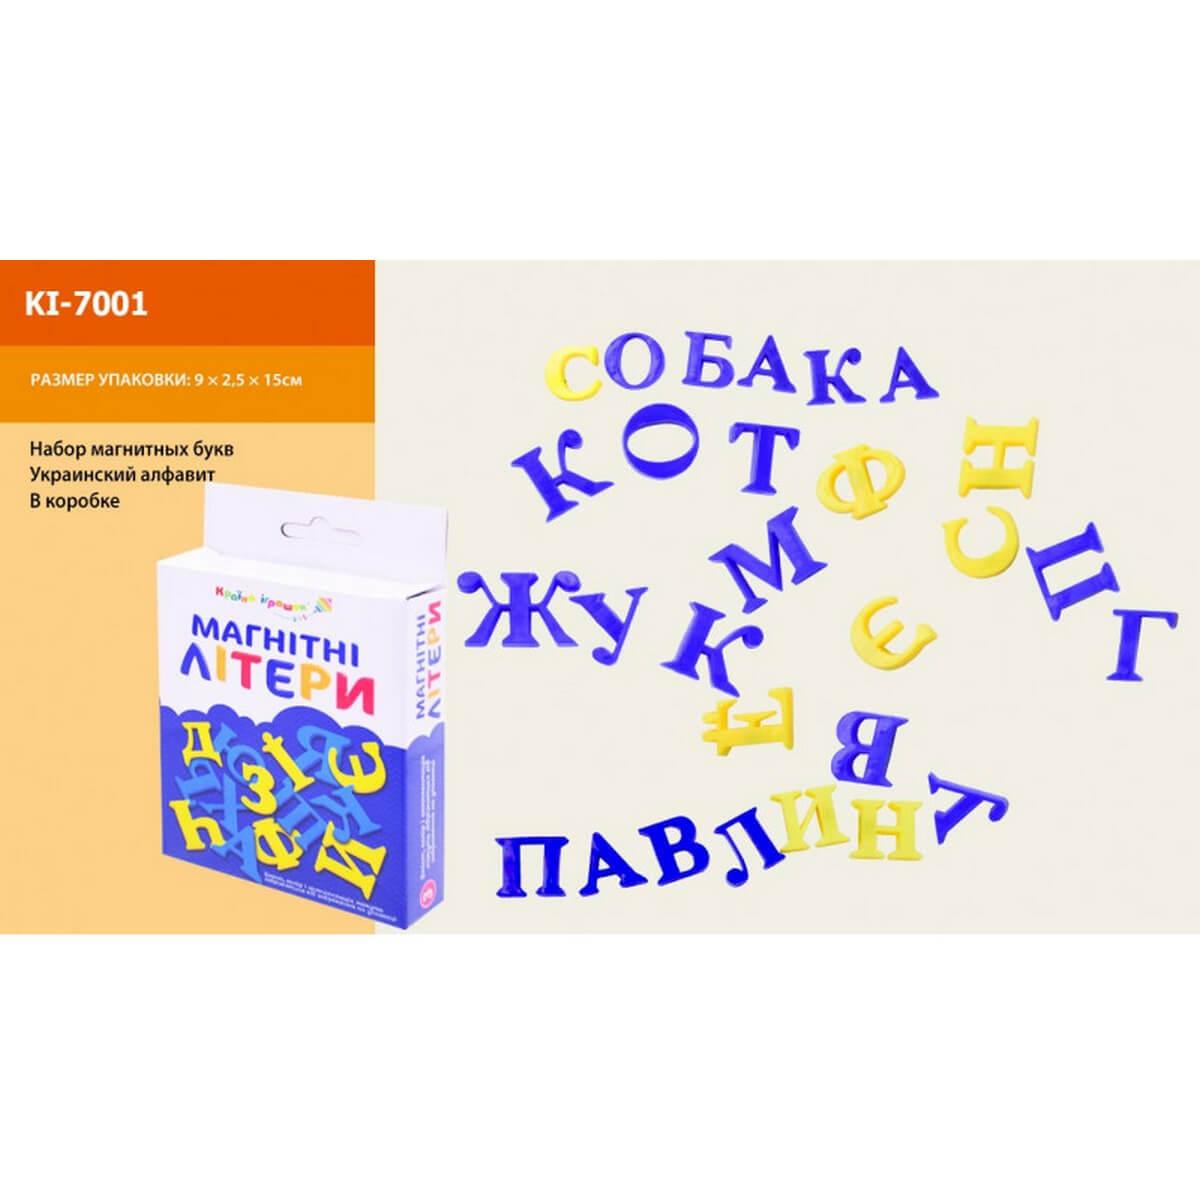 Буквы магнитные «Украинский алфавит» KI-7001 купить в ...